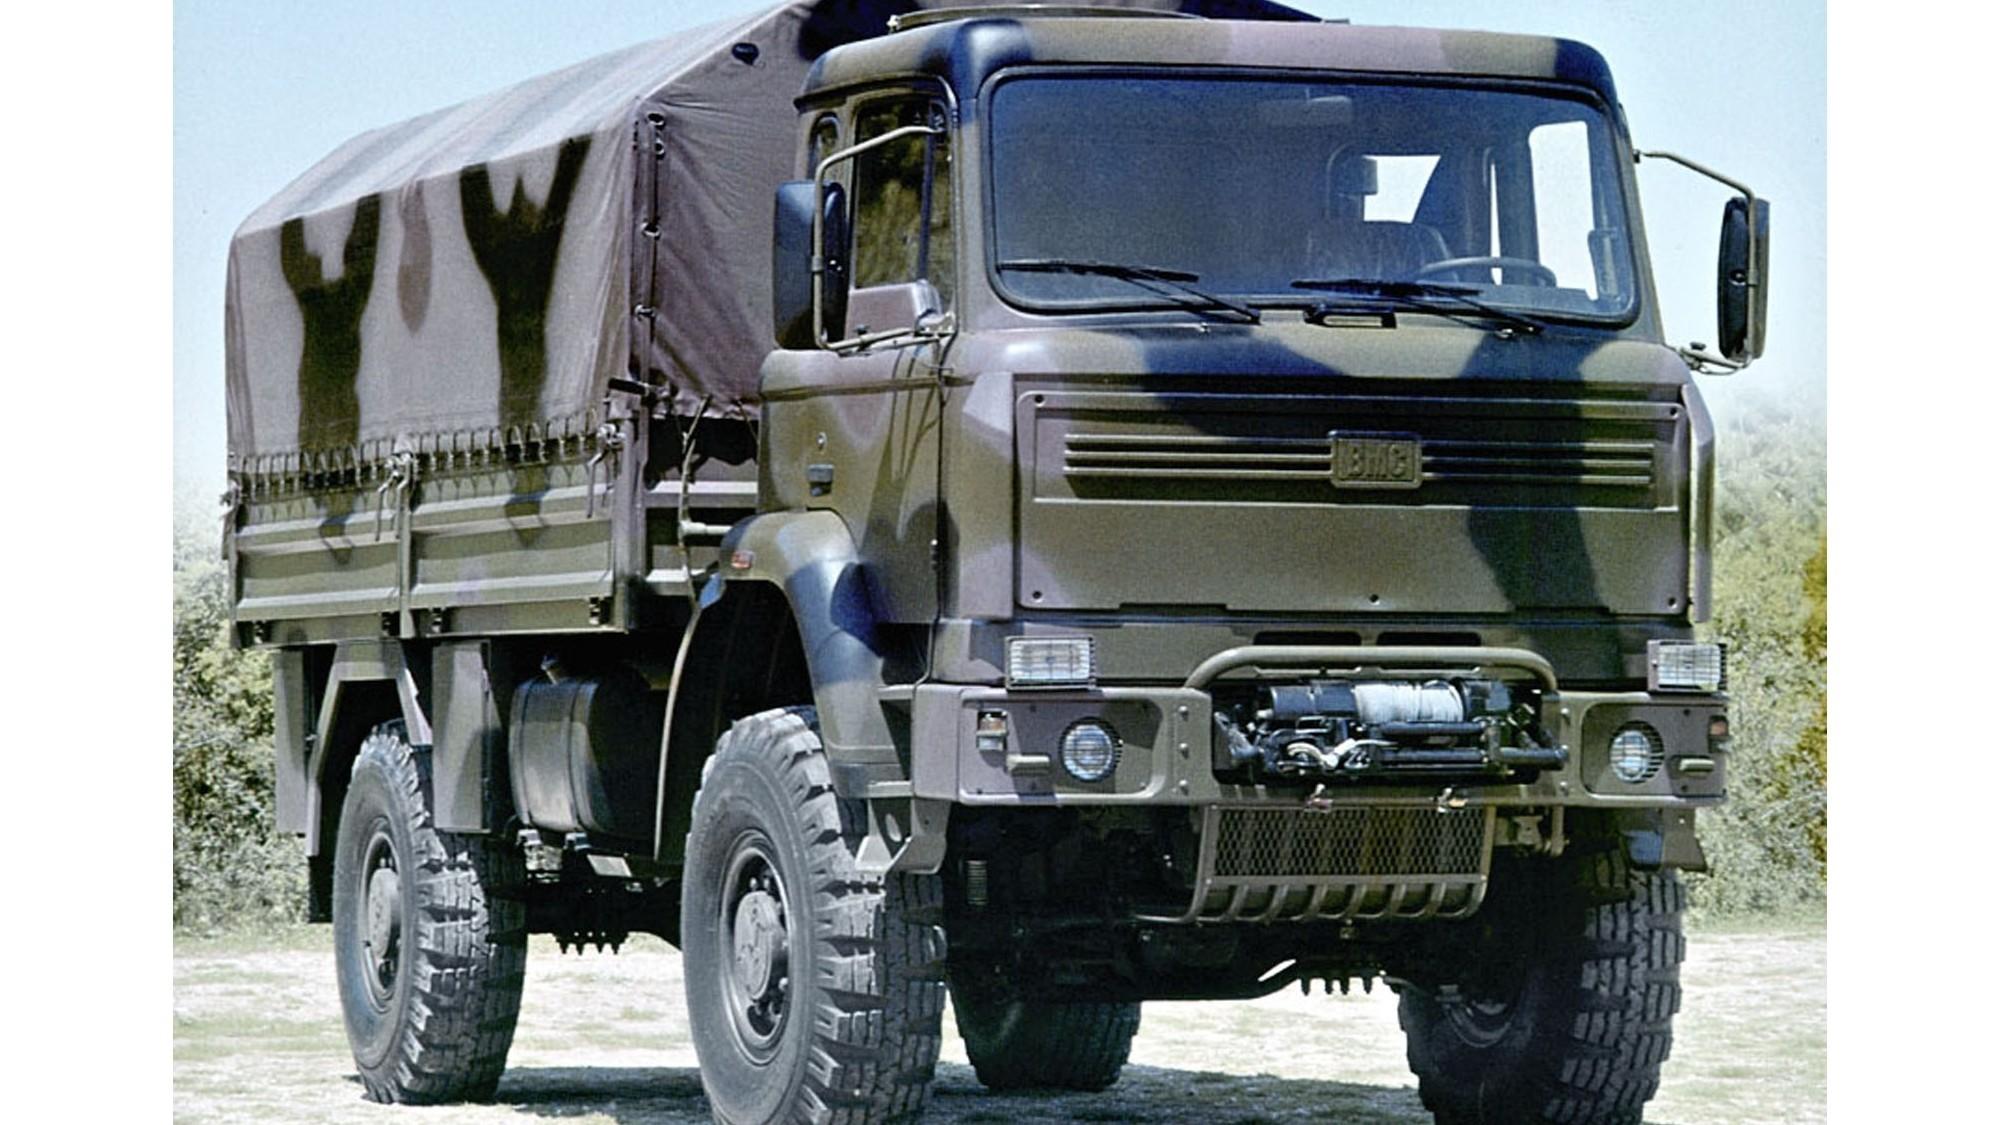 Средний 235-сильный грузовик BMC 235-16 первого поколения